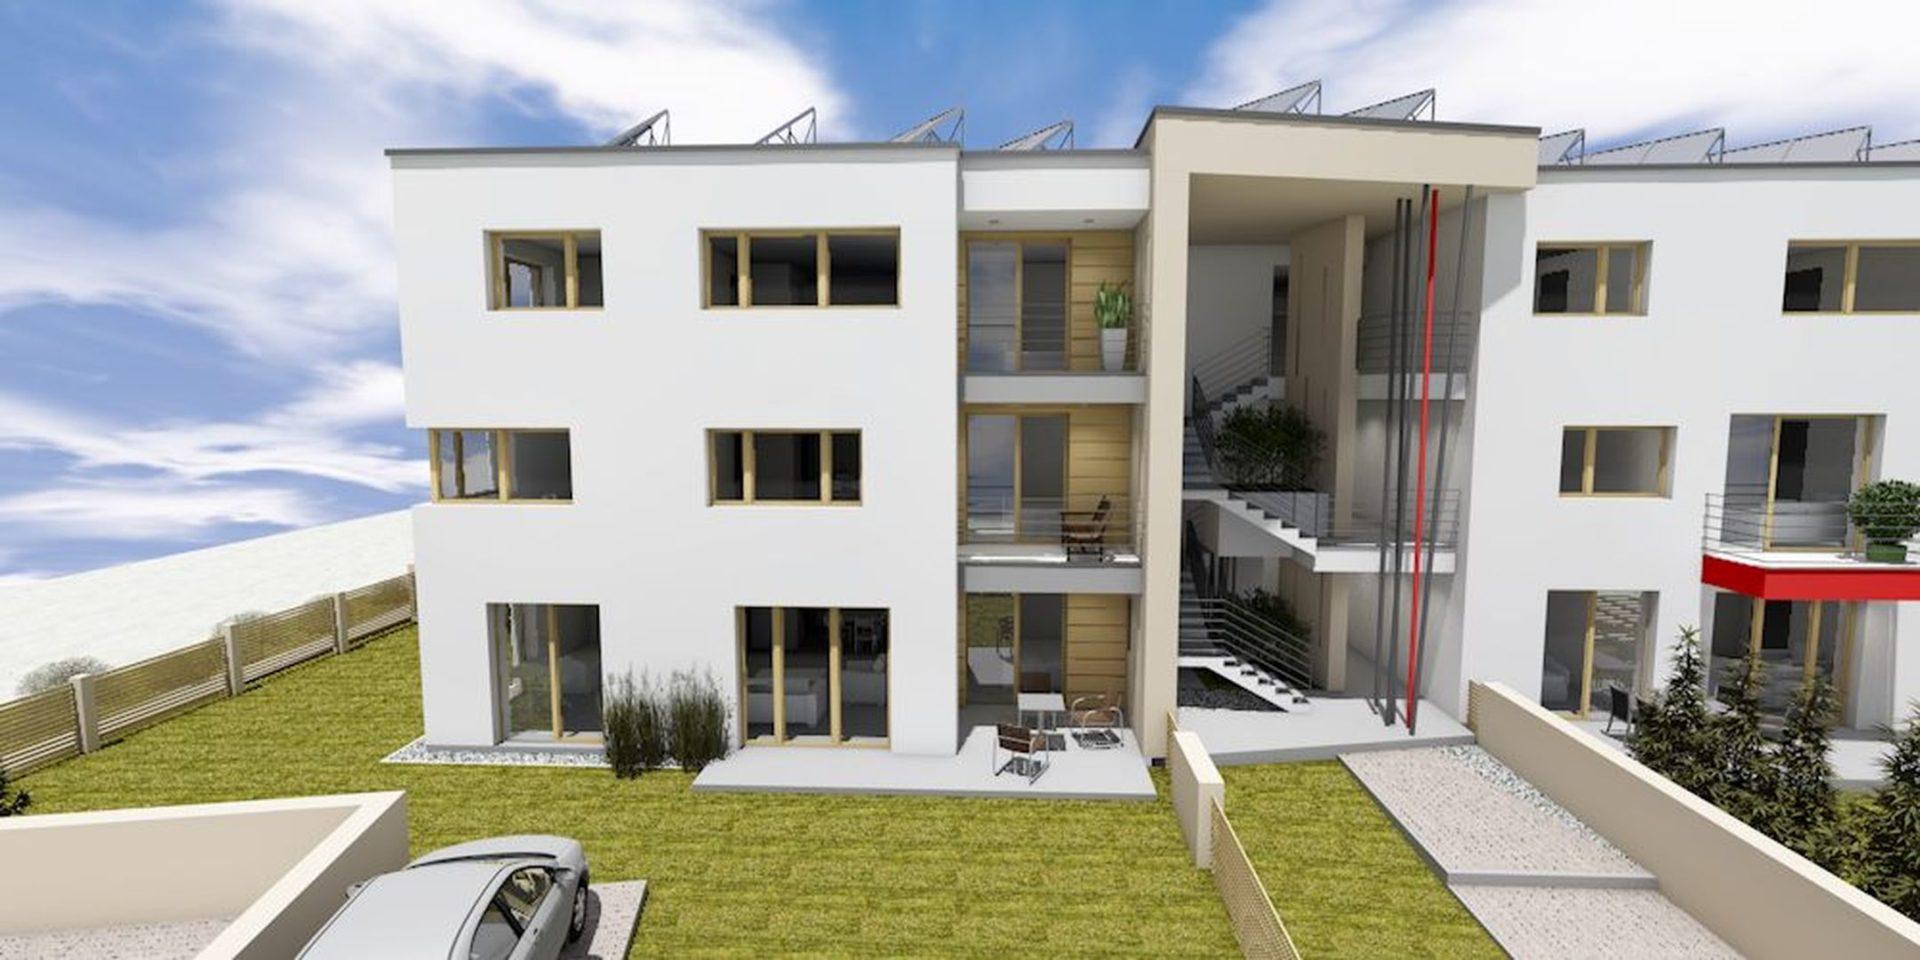 ÚJRA!! Gyömrő egy nyugodt,családias,barátságos részén, új építésű társasházi lakások eladók!